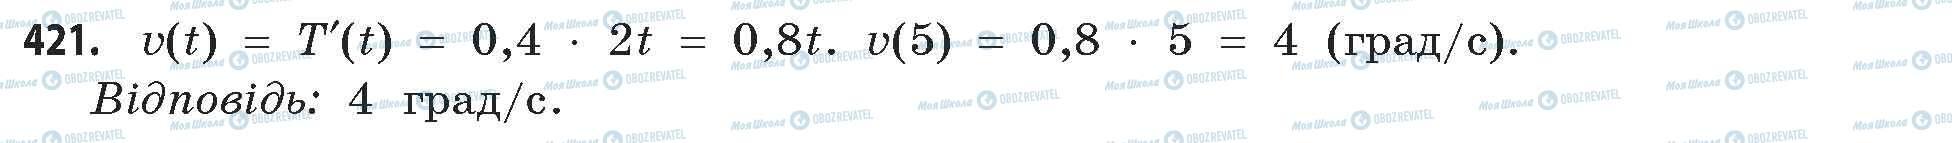 ГДЗ Математика 11 класс страница 421